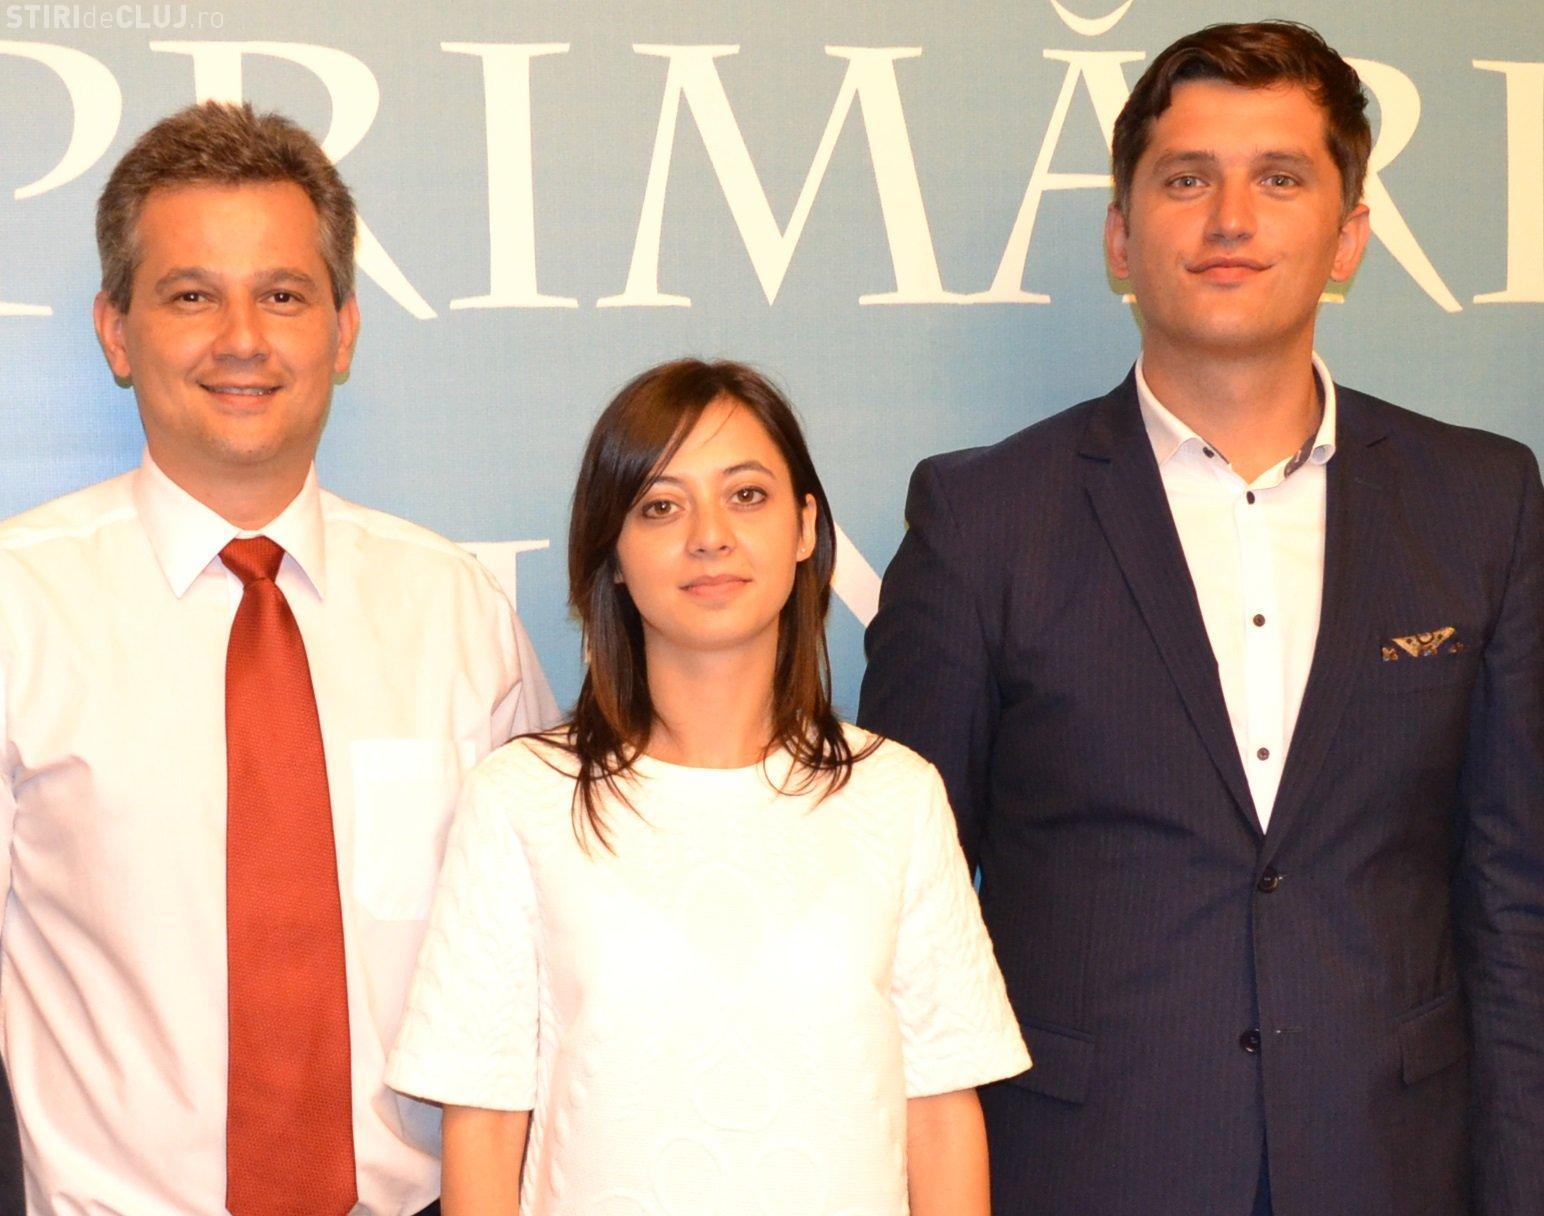 Propuneri de investiții în Cluj-Napoca a consilierilor PSD